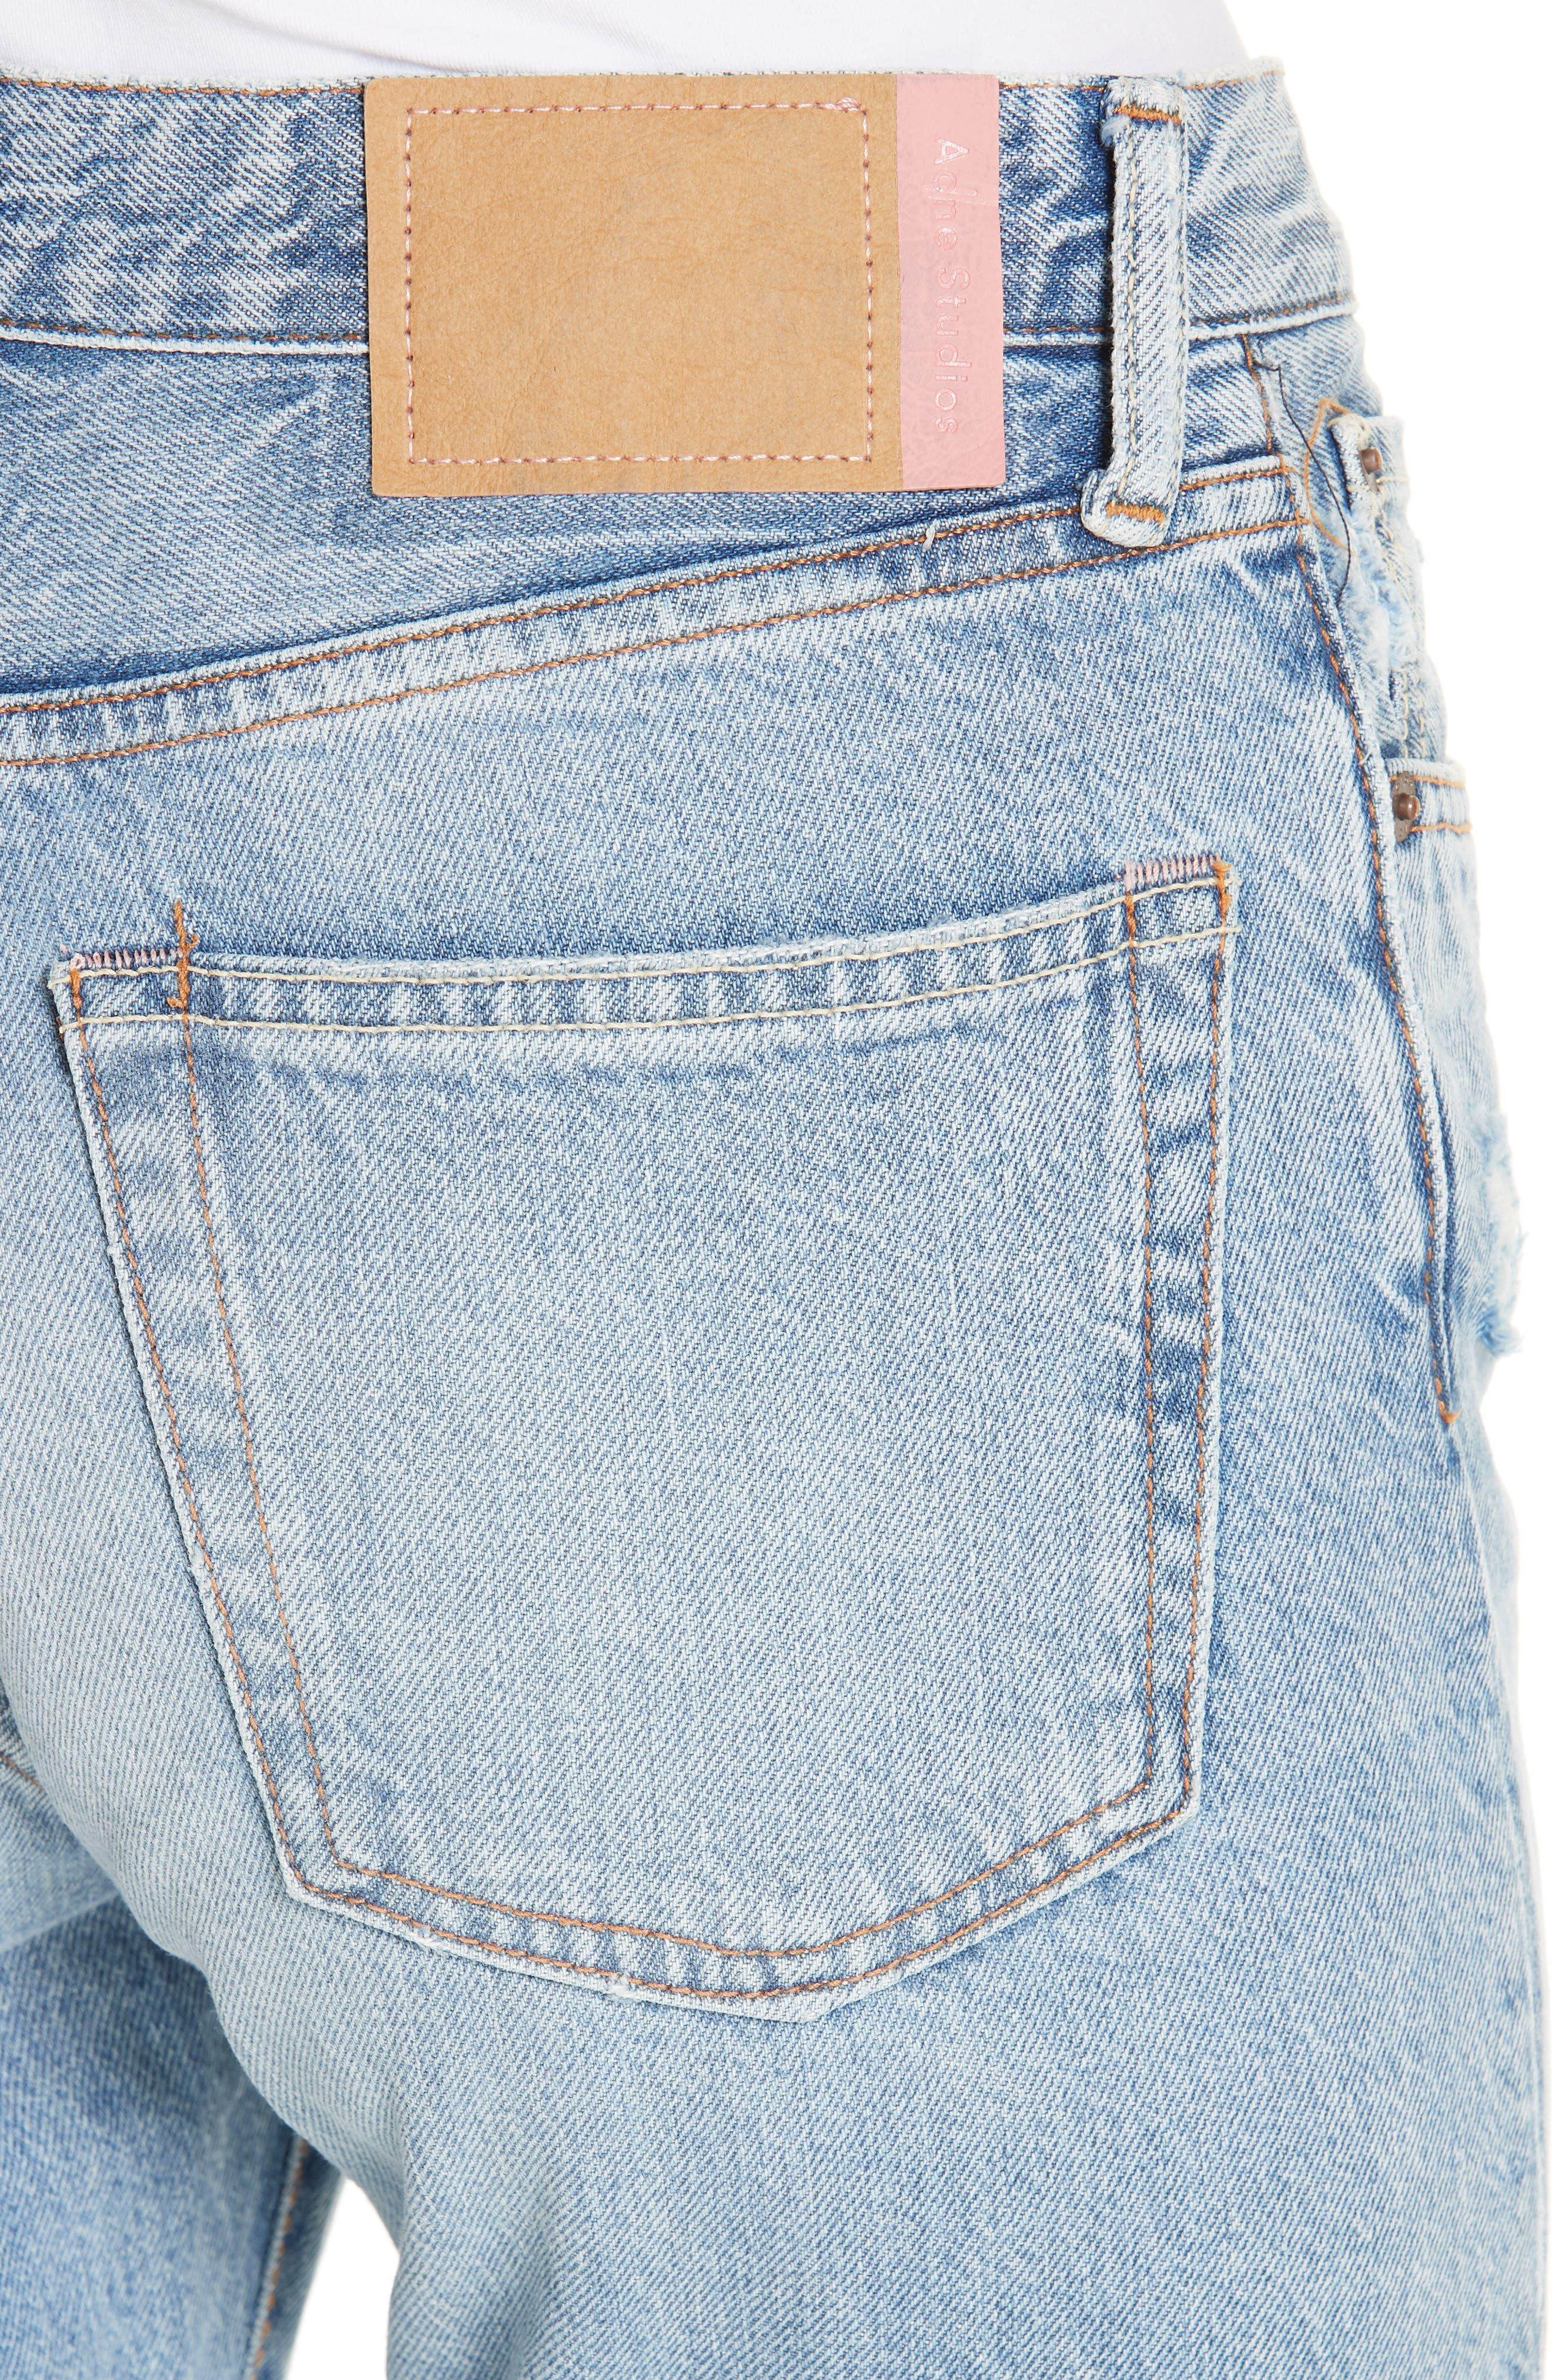 1997 Straight Leg Jeans,                             Alternate thumbnail 4, color,                             LIGHT BLUE